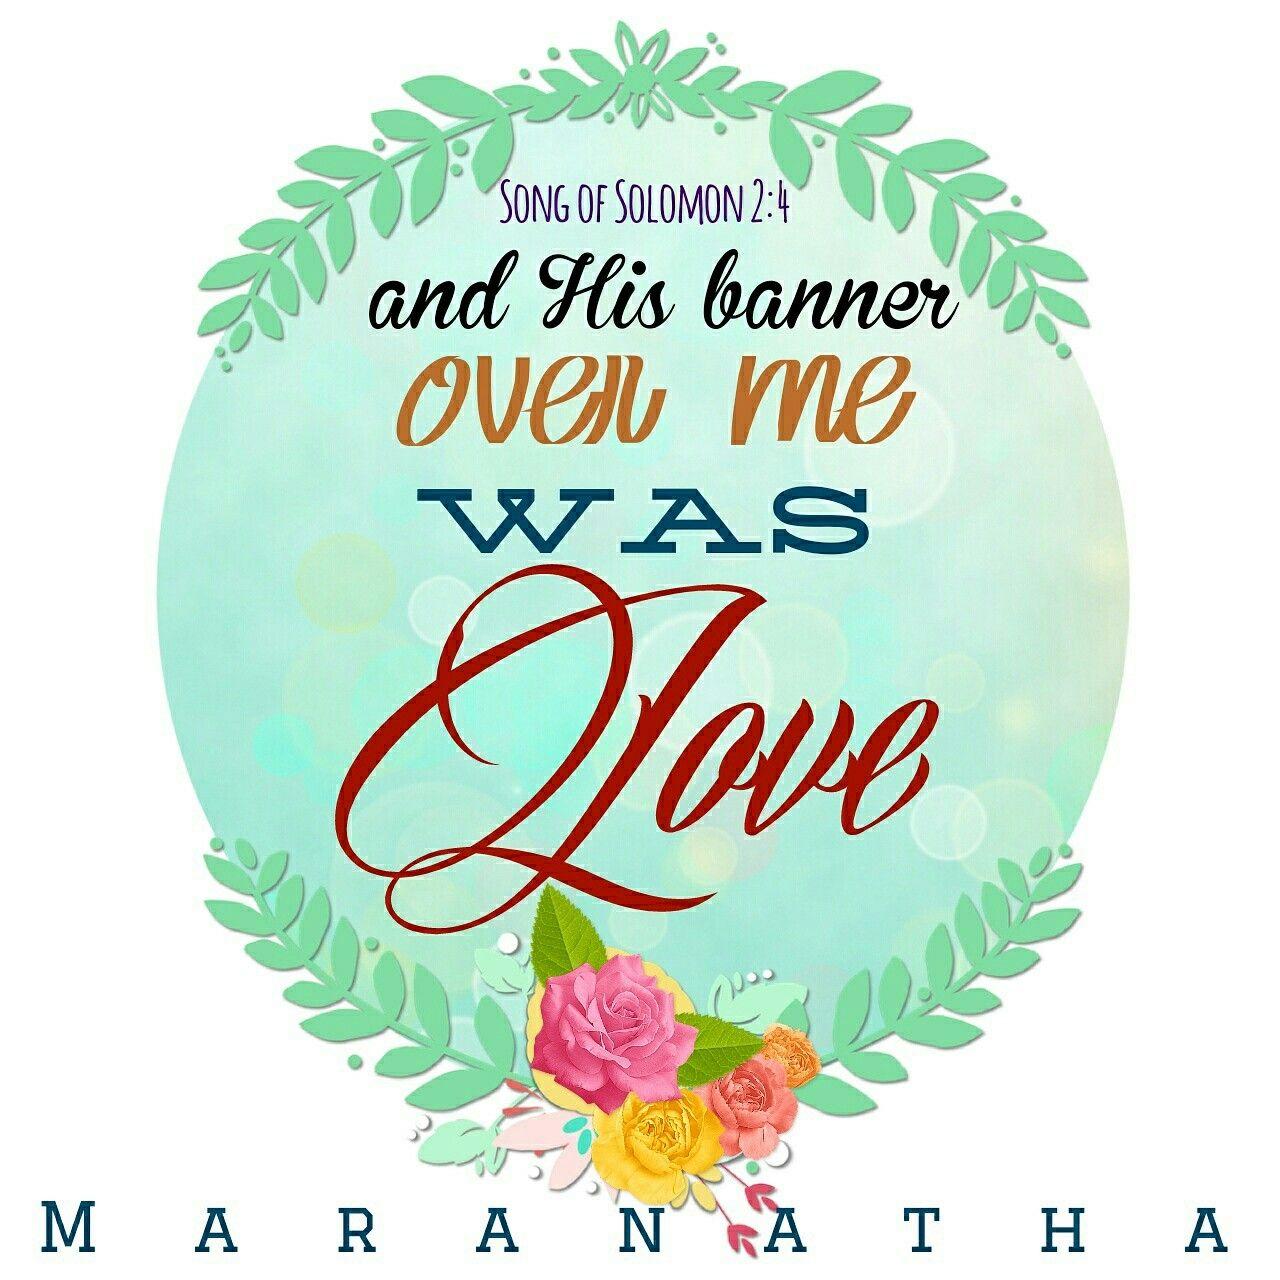 Song of Solomon 2:1-7 (KJV) #MARANATHA | ❤ Song of Solomon